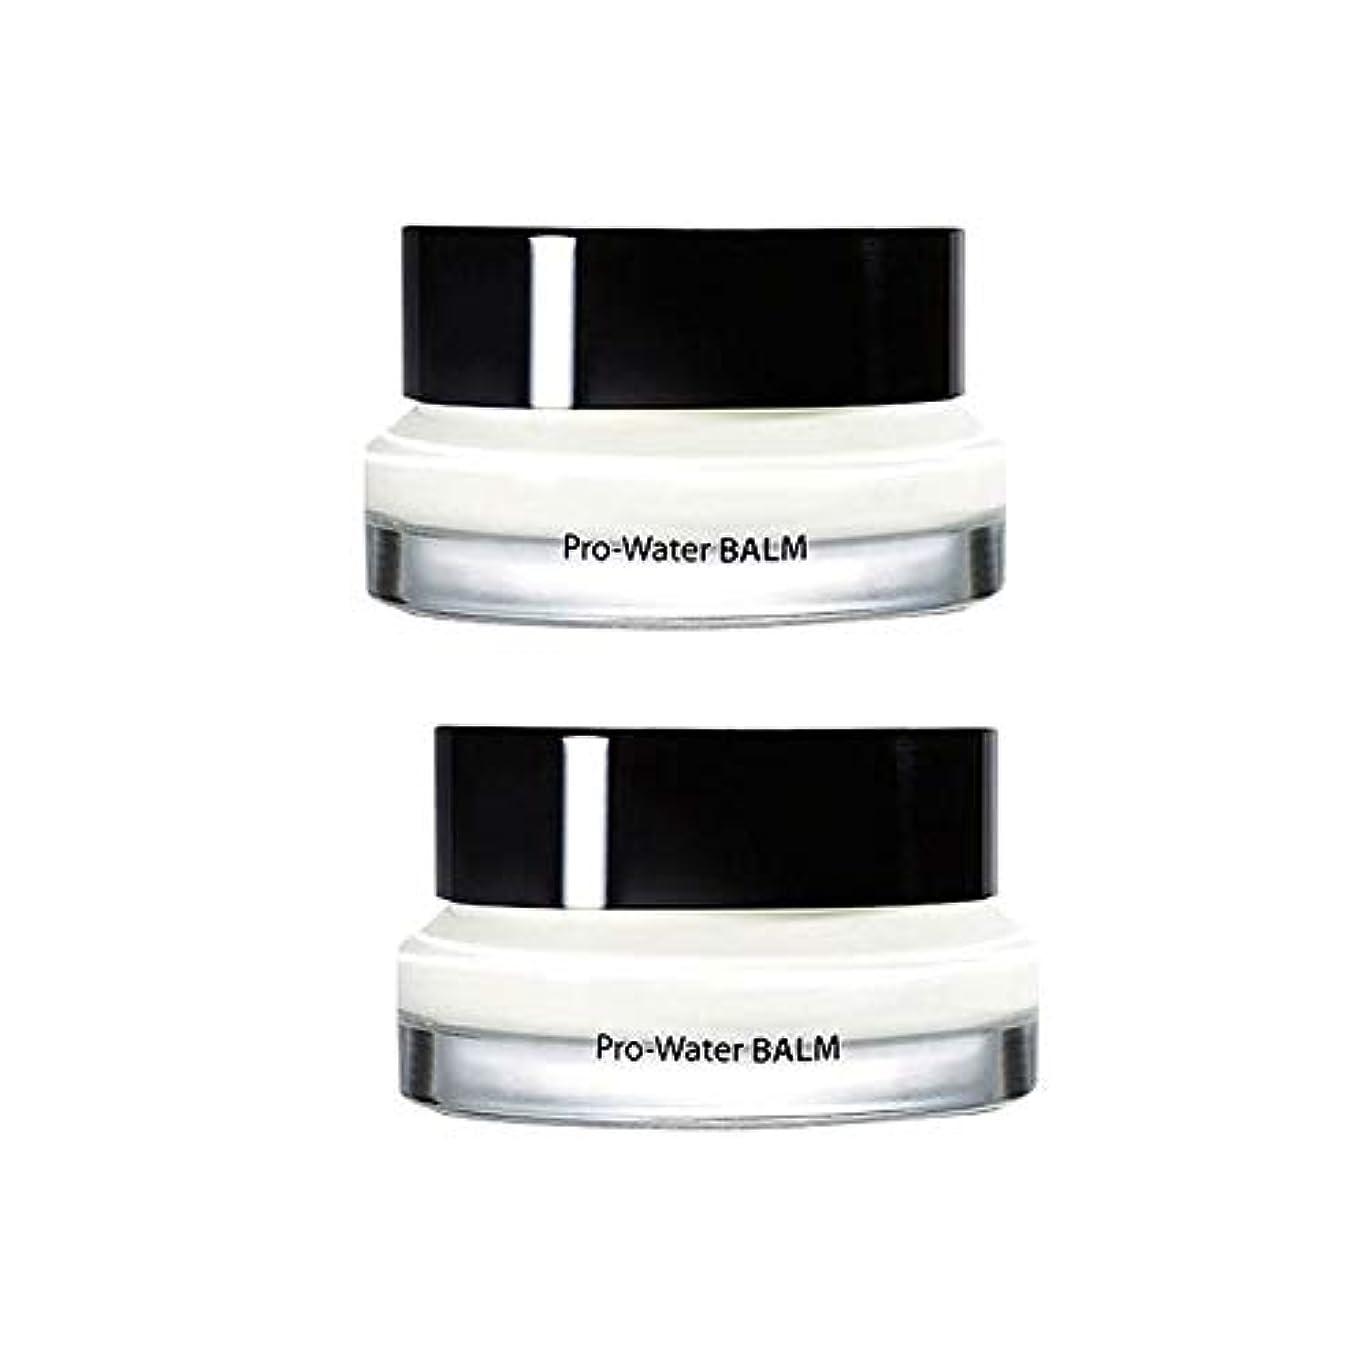 突然のシダ泣いているルナプロウォーターbalm 50mlx2本セット韓国コスメ、Luna Pro-Water Balm 50ml x 2ea Set Korean Cosmetics [並行輸入品]